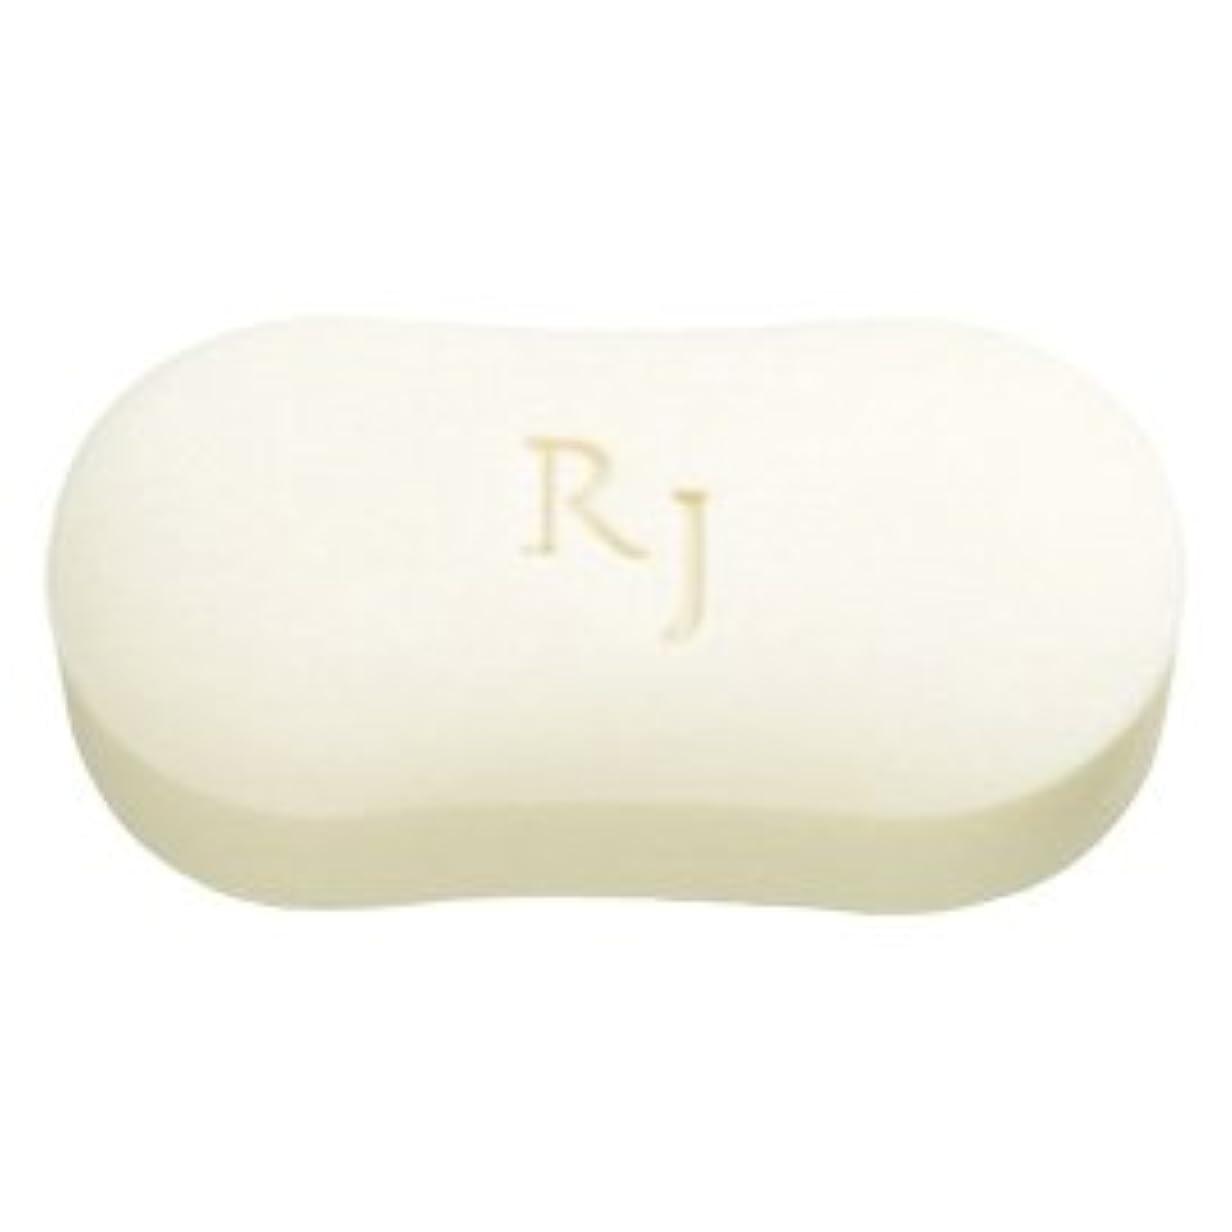 赤字きれいに馬鹿げたRJホワイトソープ(洗顔石鹸?ボディソープ) 脂性肌用 120g/Royal Jelly White Soap<120g>